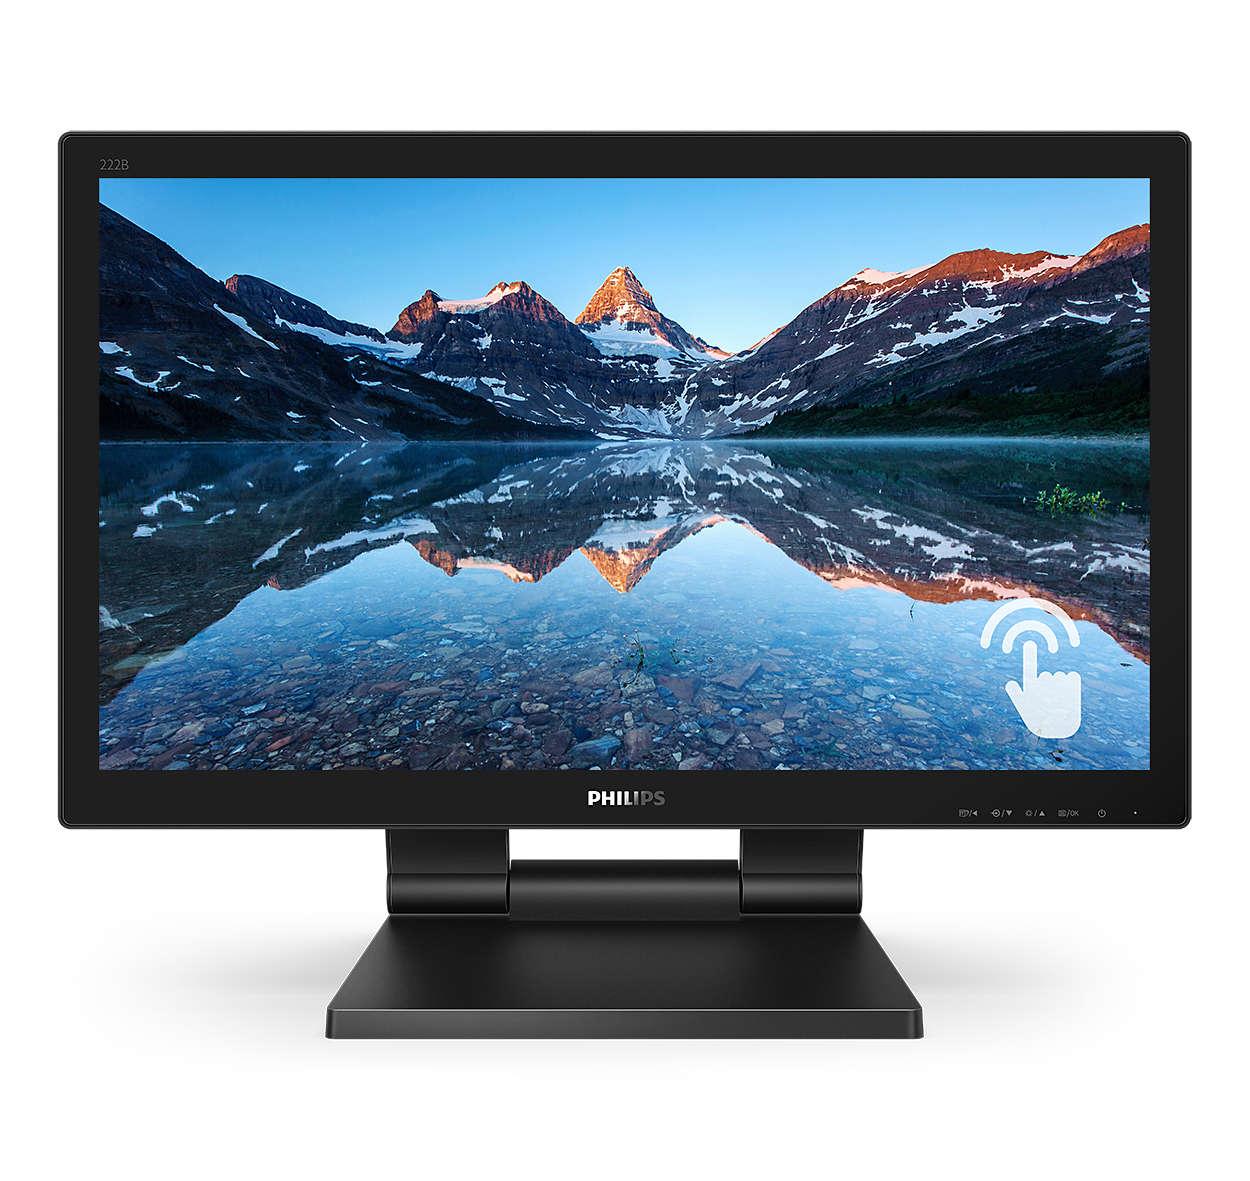 Wspaniały, interaktywny monitor z technologią SmoothTouch